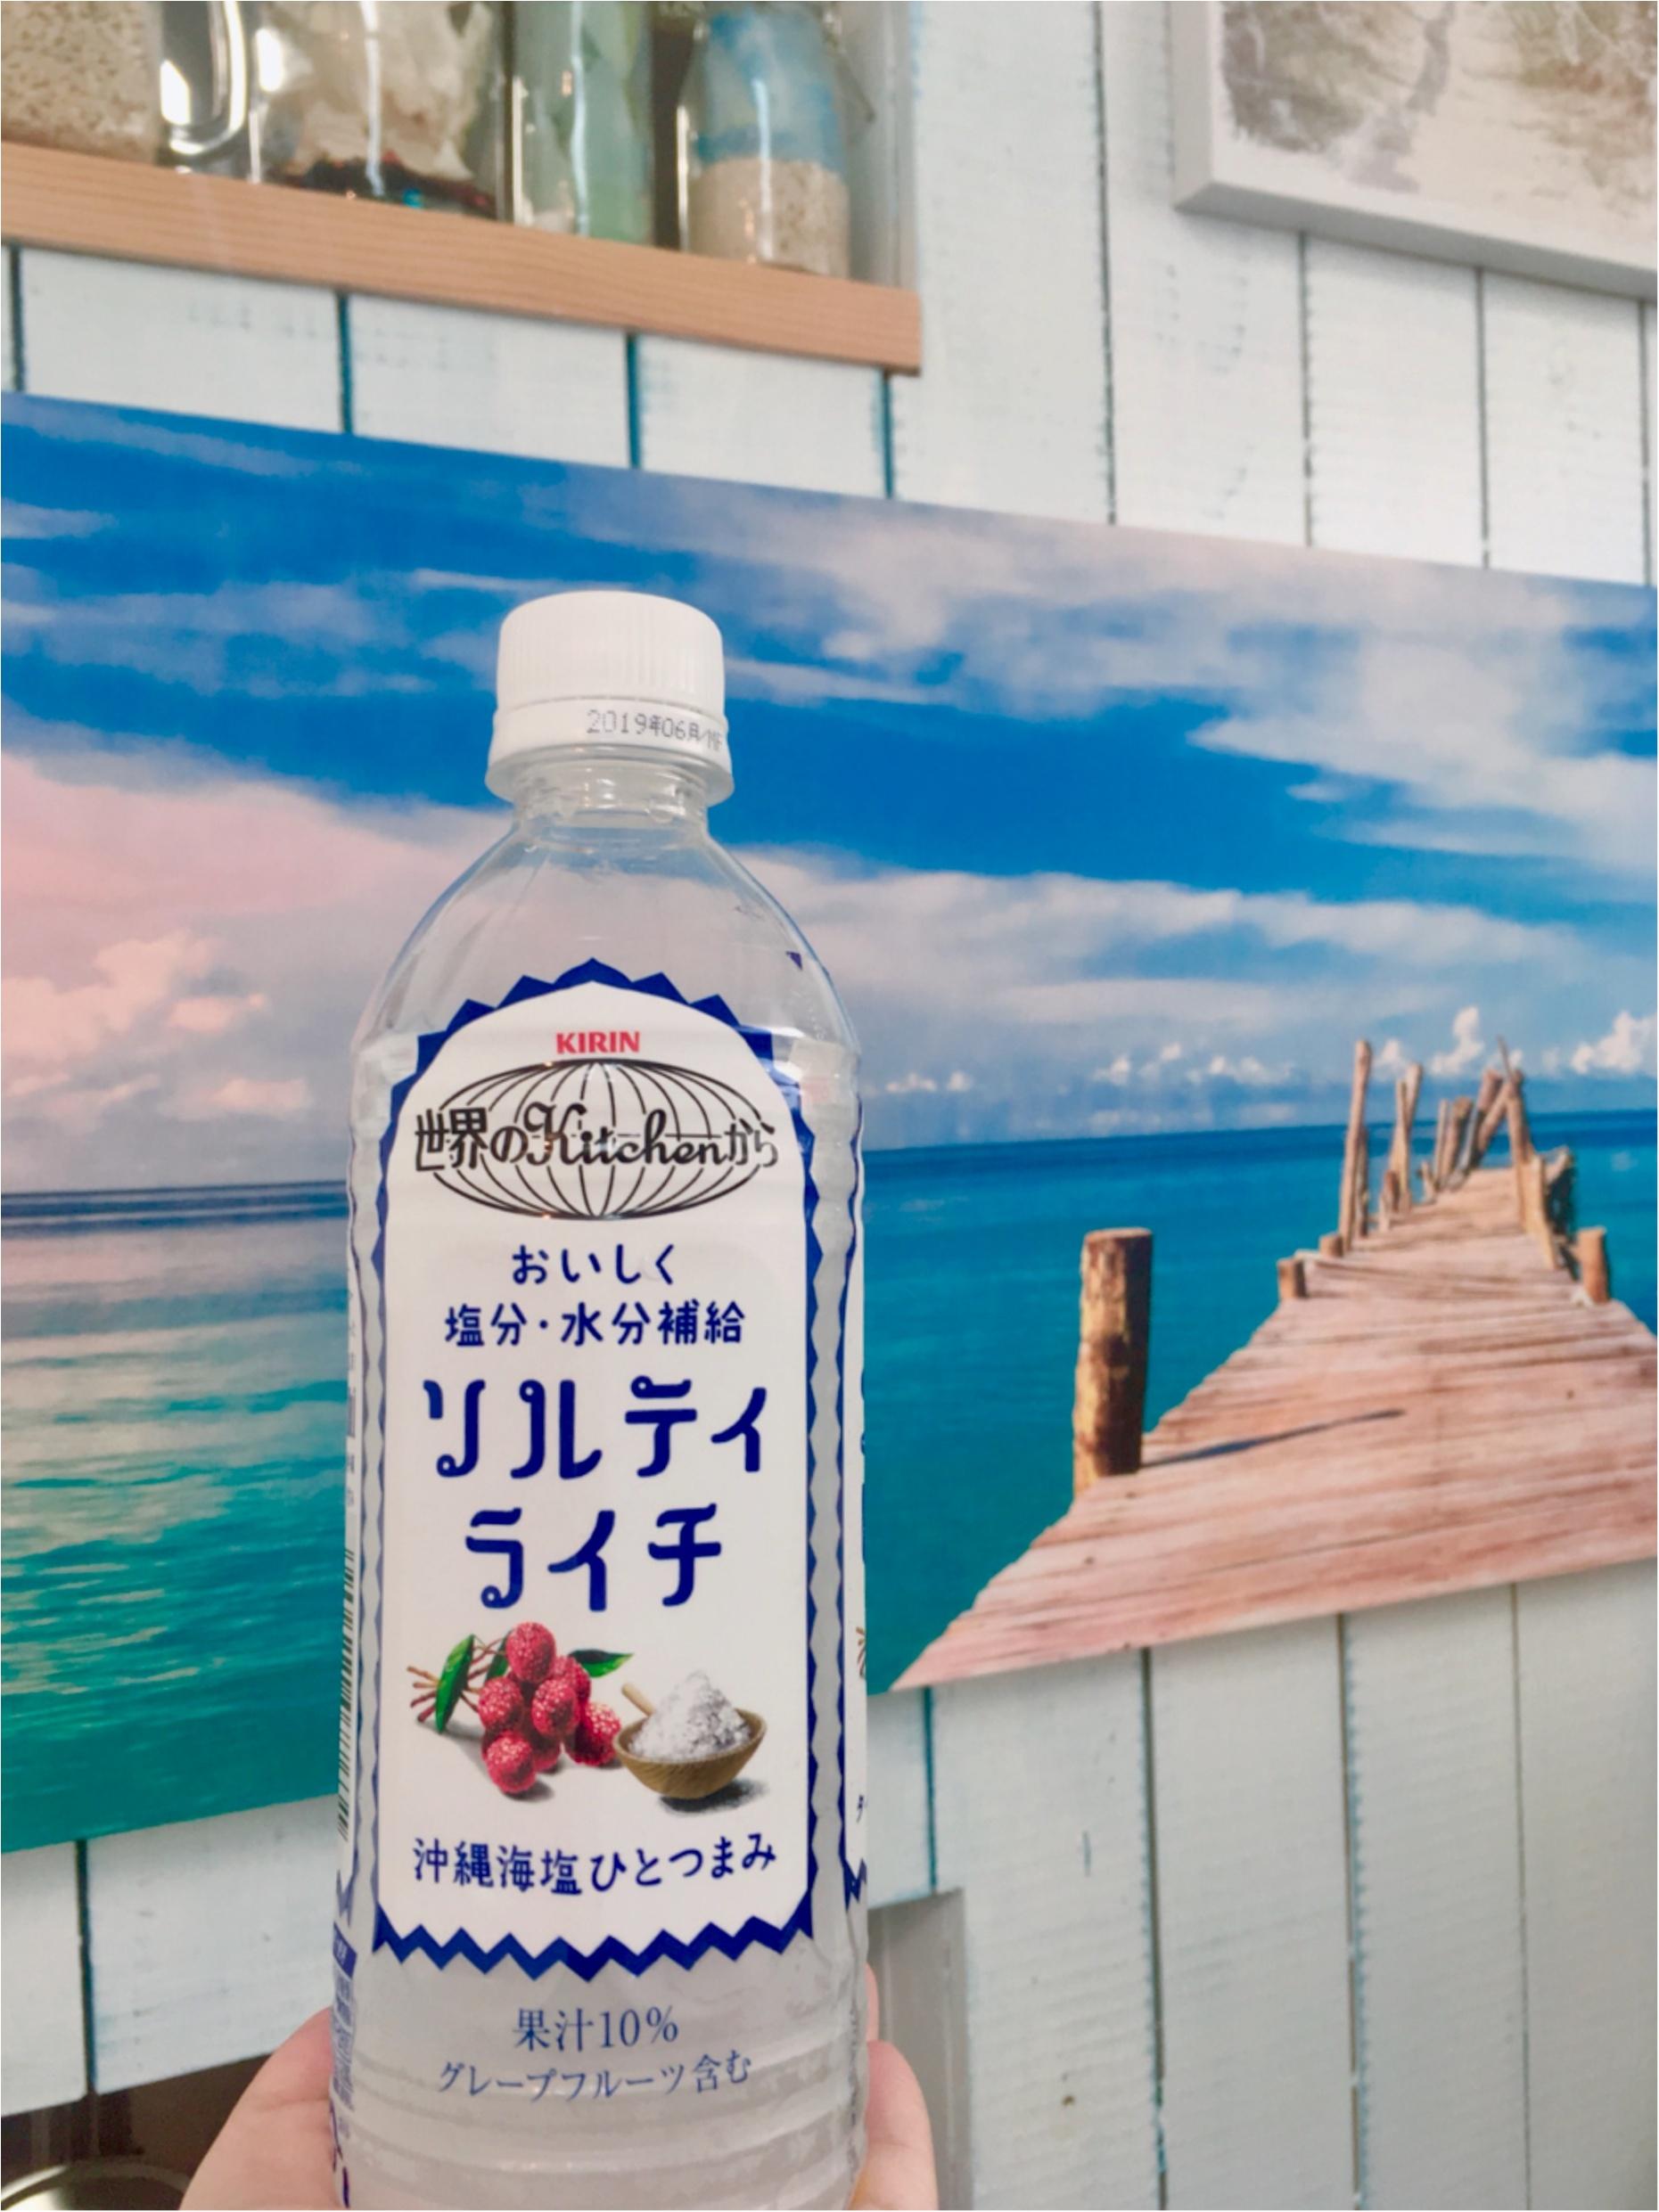 【熱中症対策】この休日2日間で連チャンで飲み続けてるオススメドリンク。_1